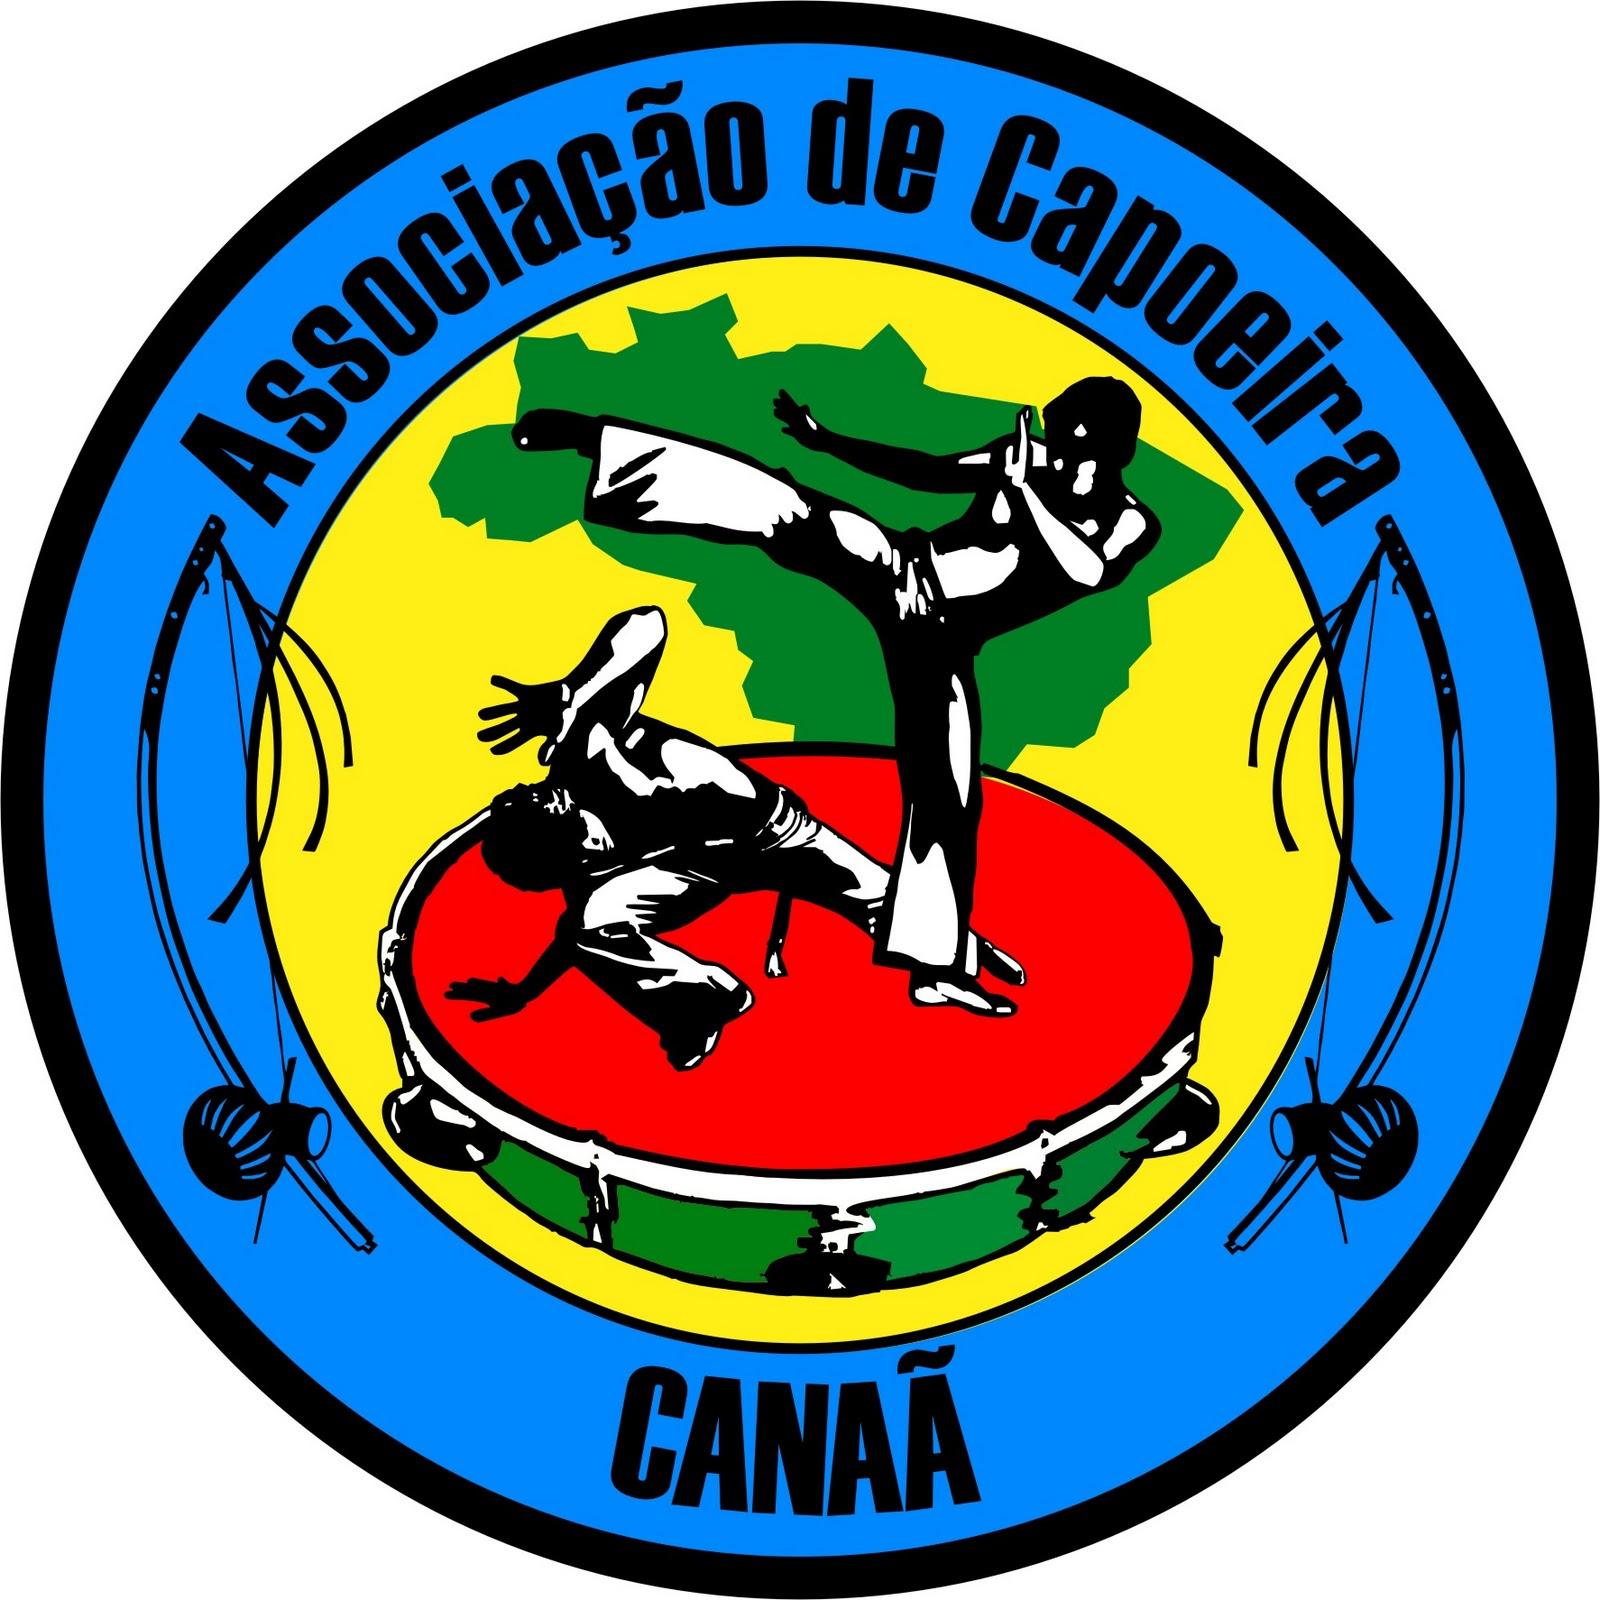 01271a2e2 O Grupo Canaã foi fundado no dia 23 de maio de 1992